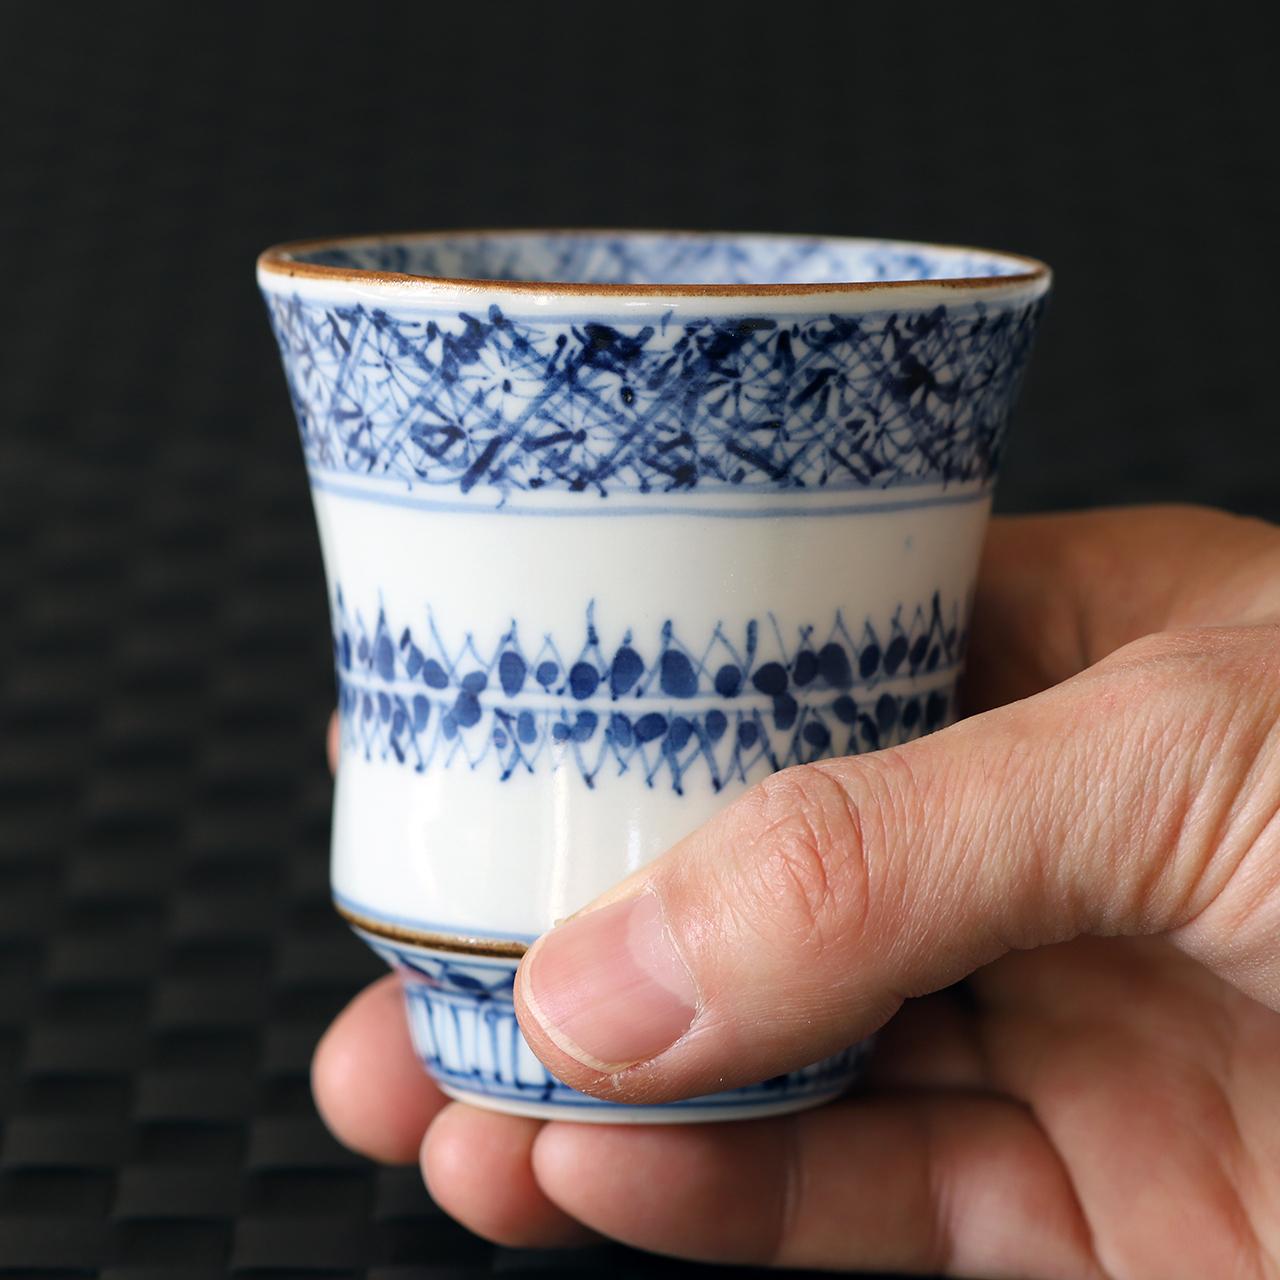 松尾貞一郎 祥瑞 湯呑 210204-K21 貞土窯(有田焼)